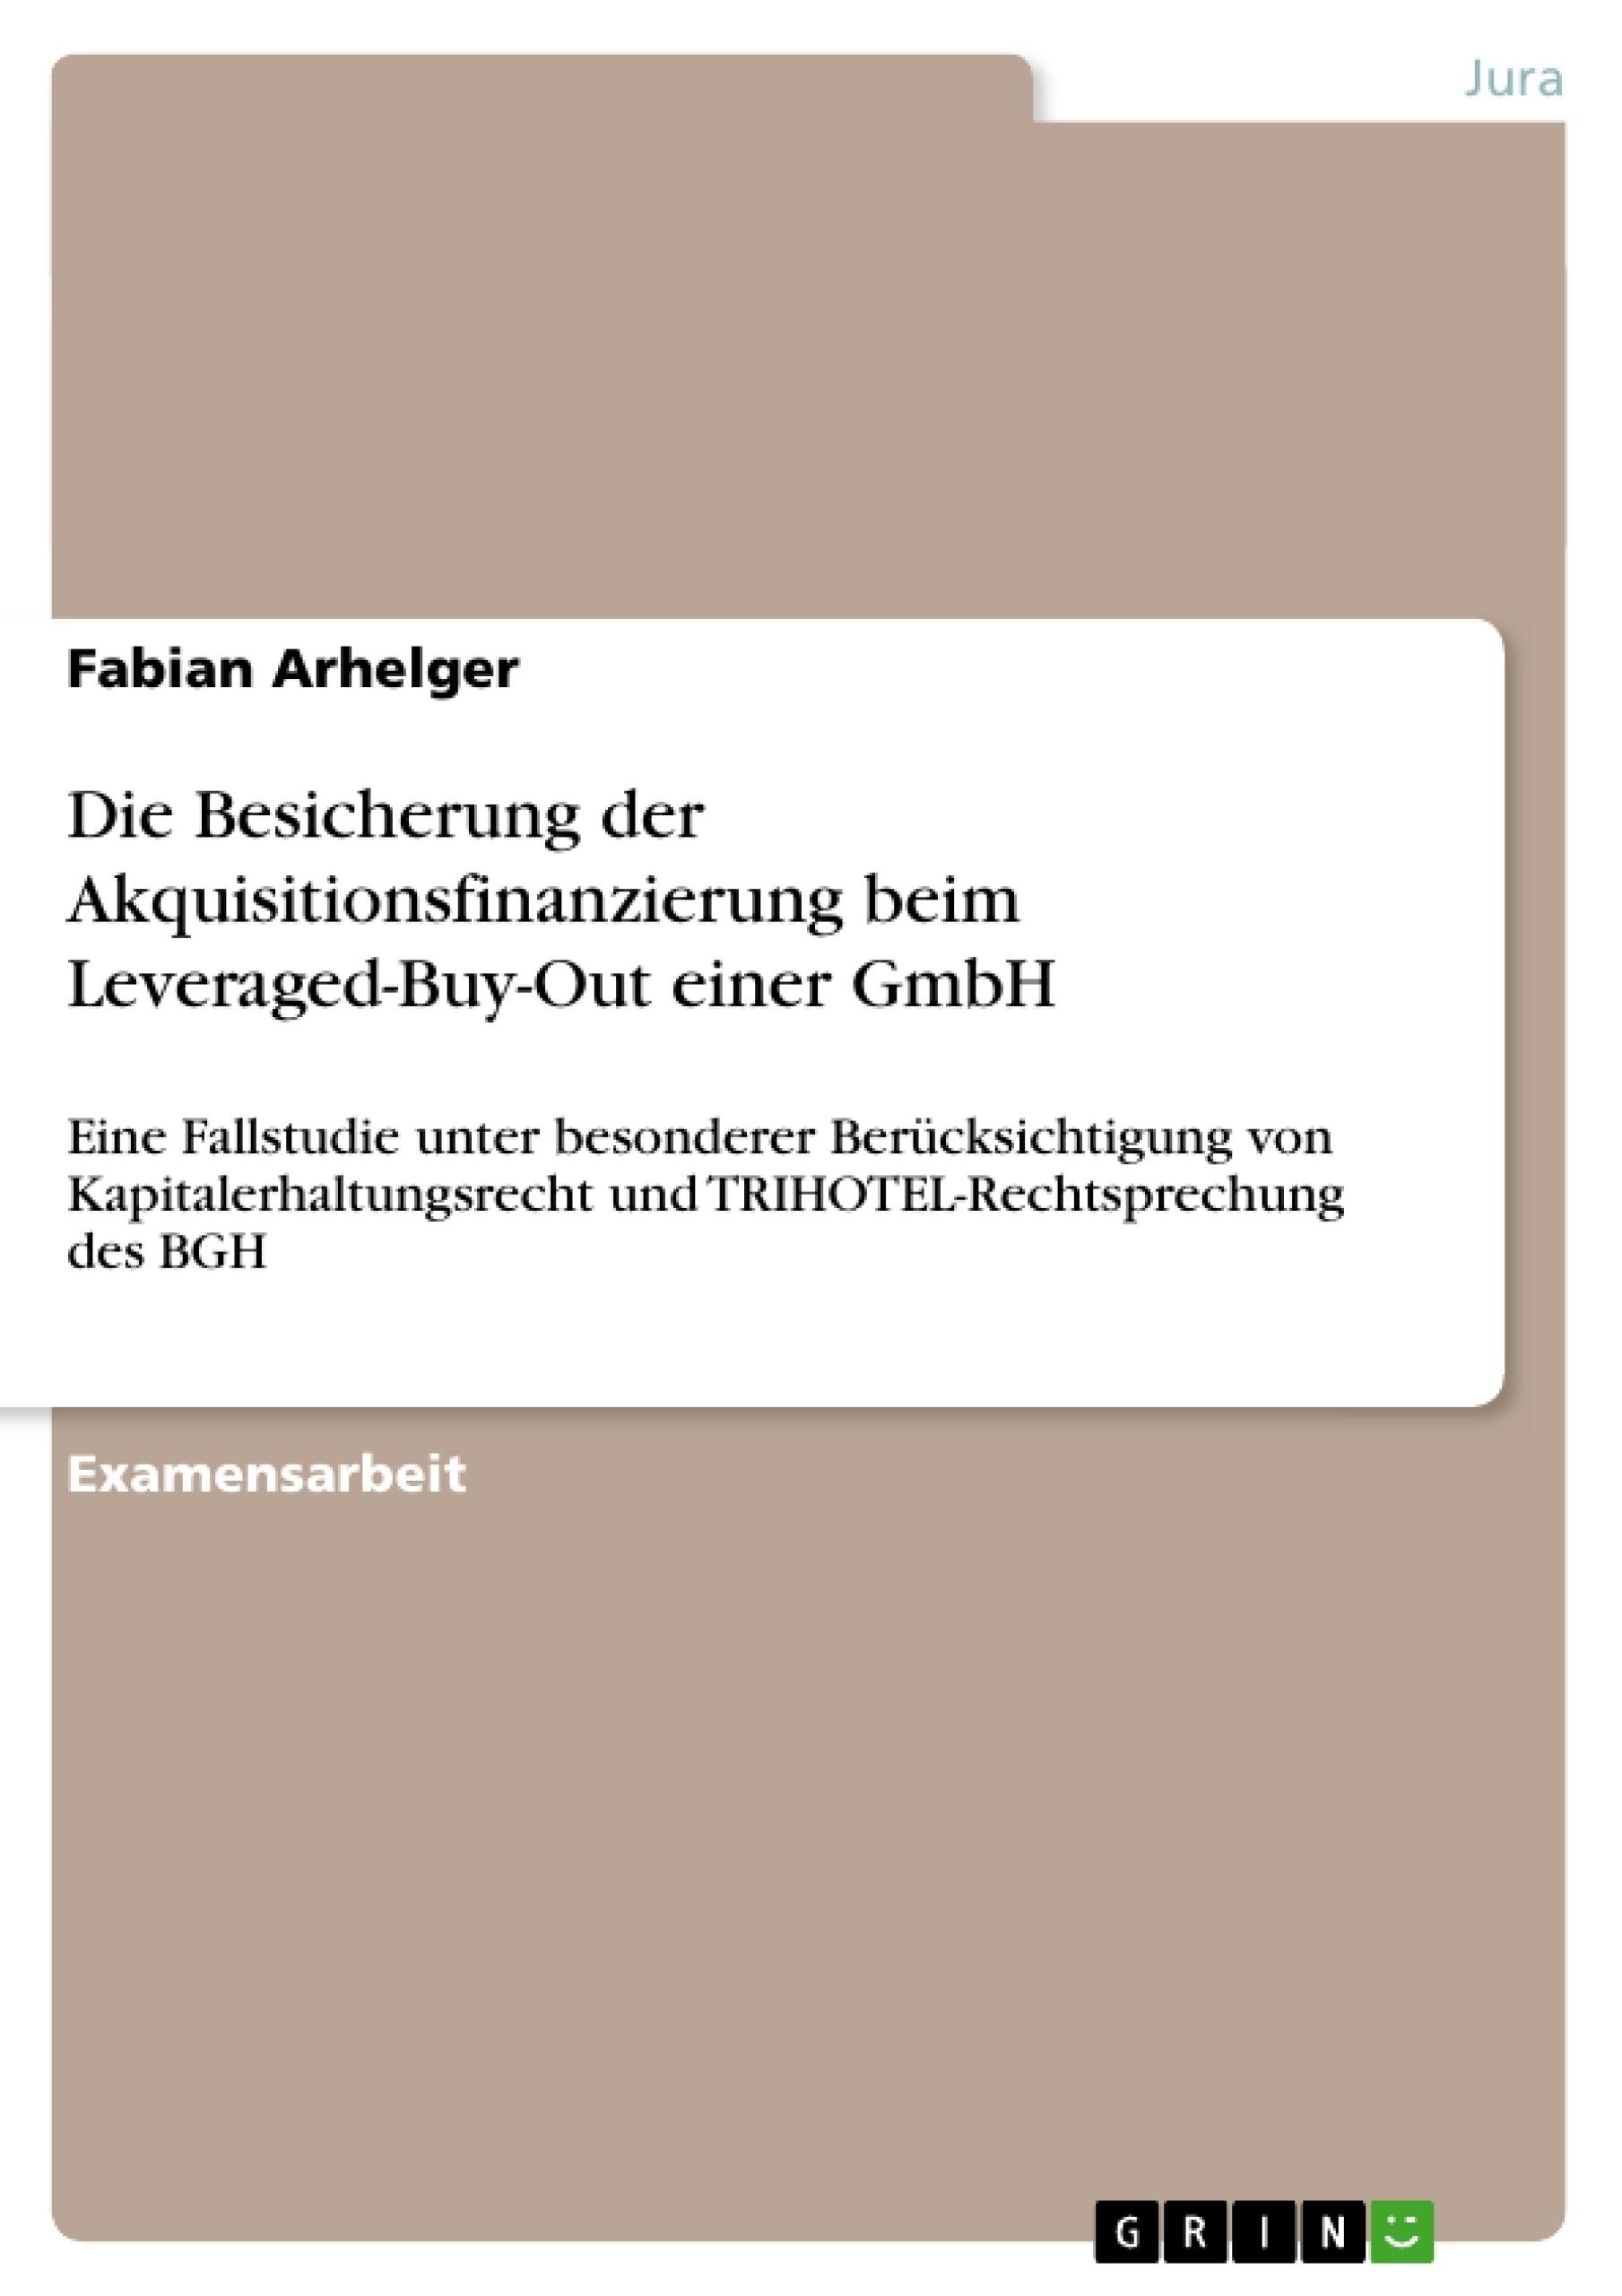 Titel: Die Besicherung der Akquisitionsfinanzierung beim Leveraged-Buy-Out einer GmbH